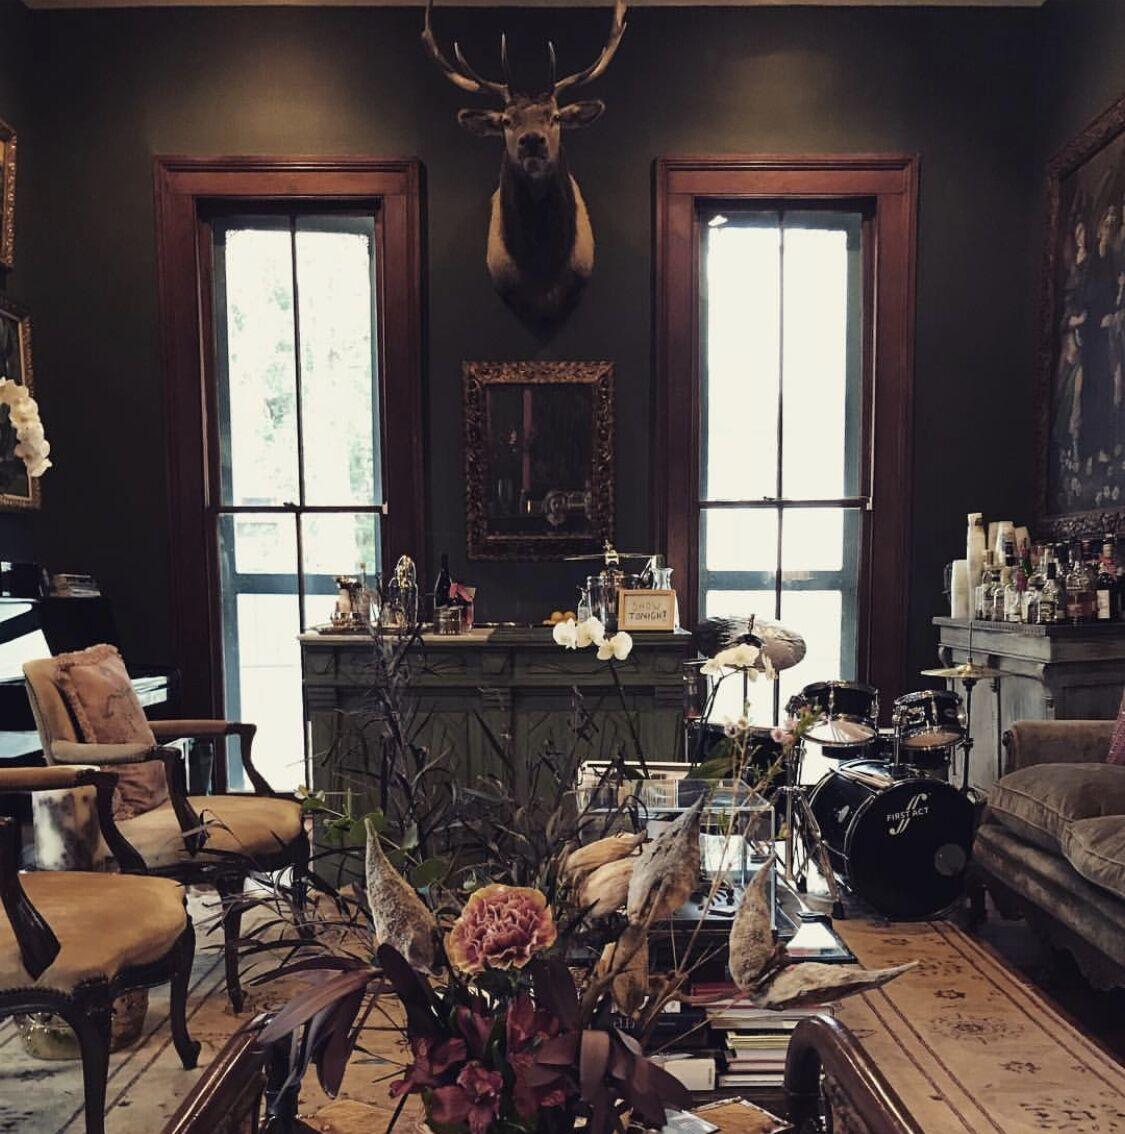 Pulitzer living room